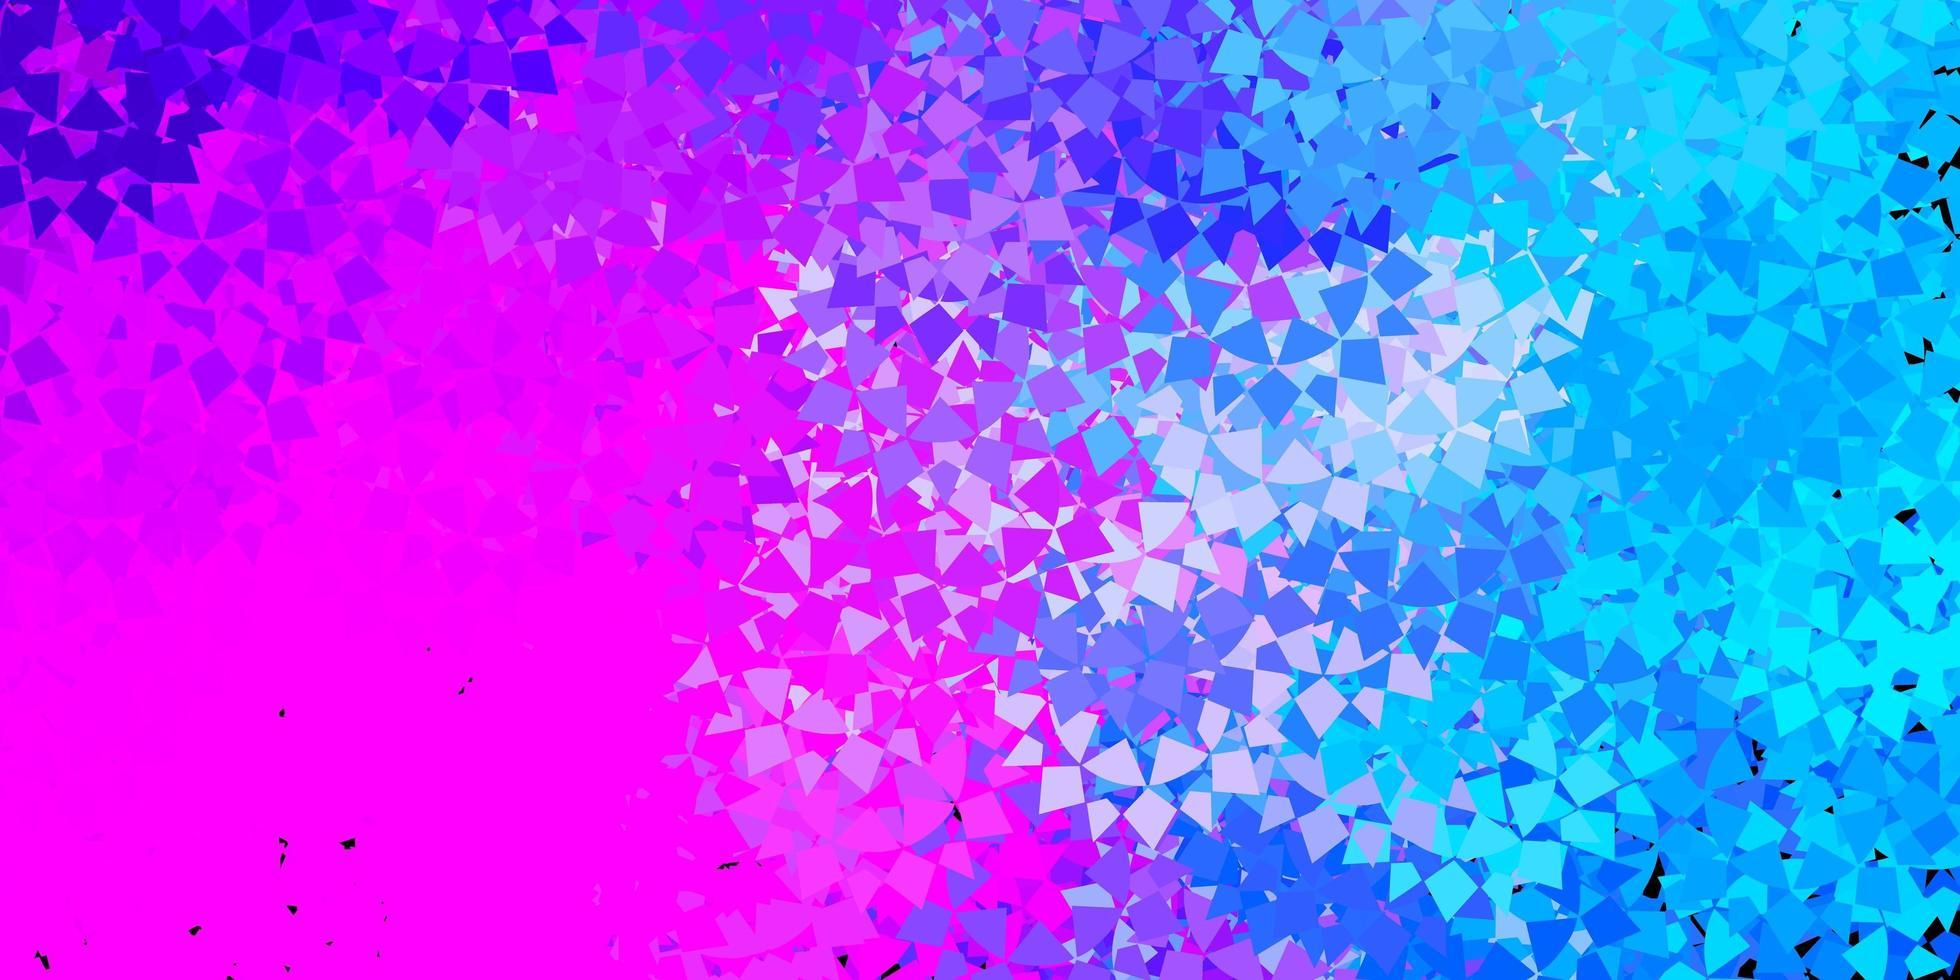 roze en blauwe achtergrond met driehoeken. vector